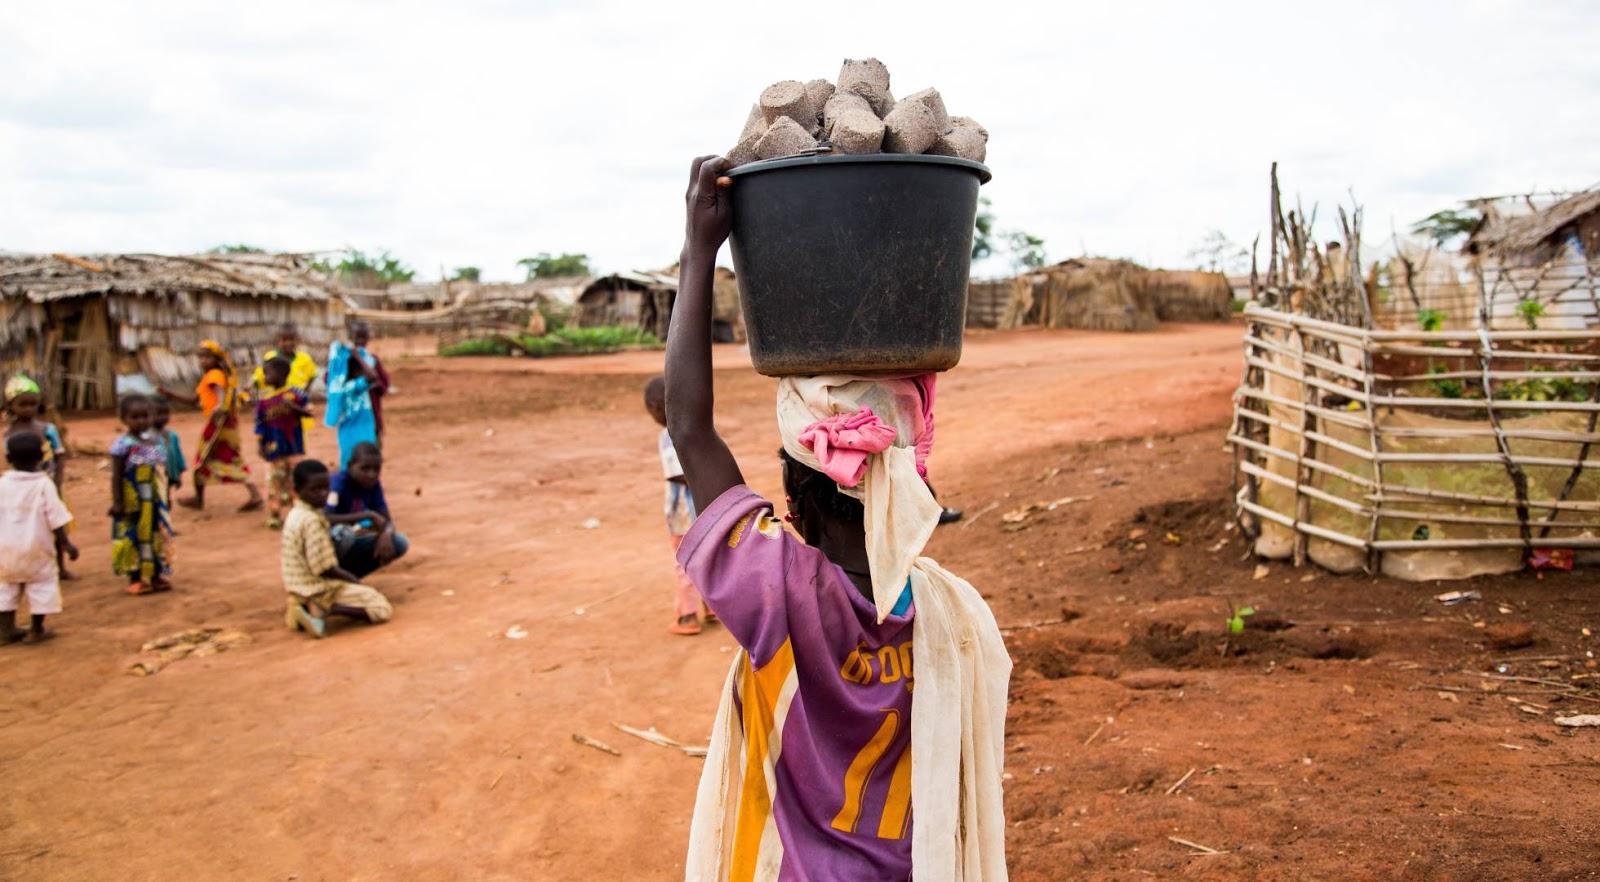 El combustible que ayuda a proteger a las refugiadas